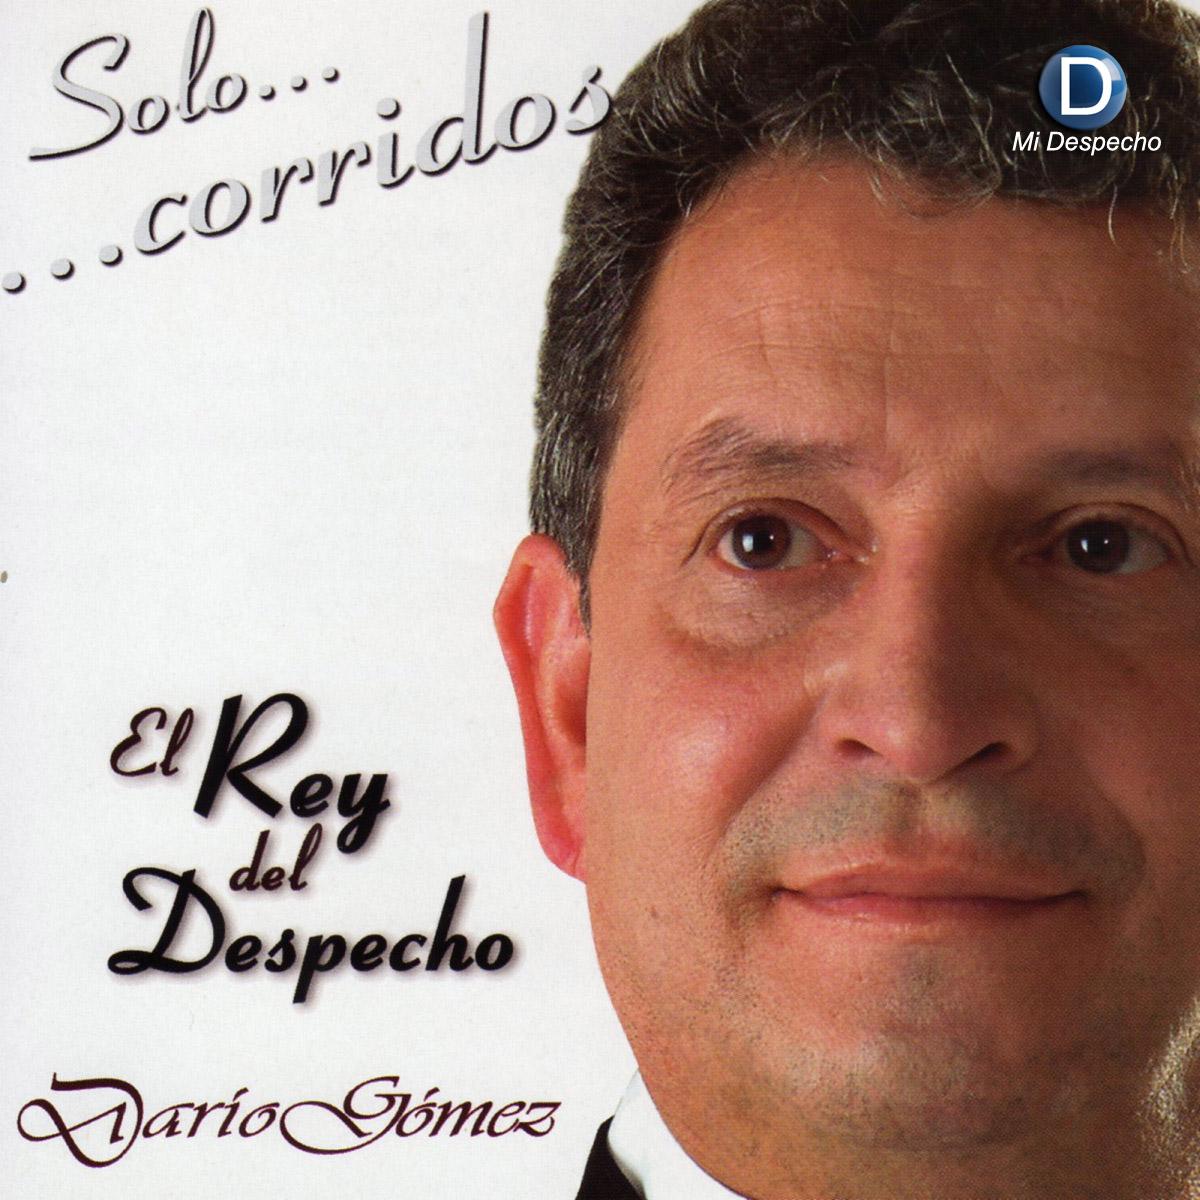 Dario Gomez Solo Corridos Frontal